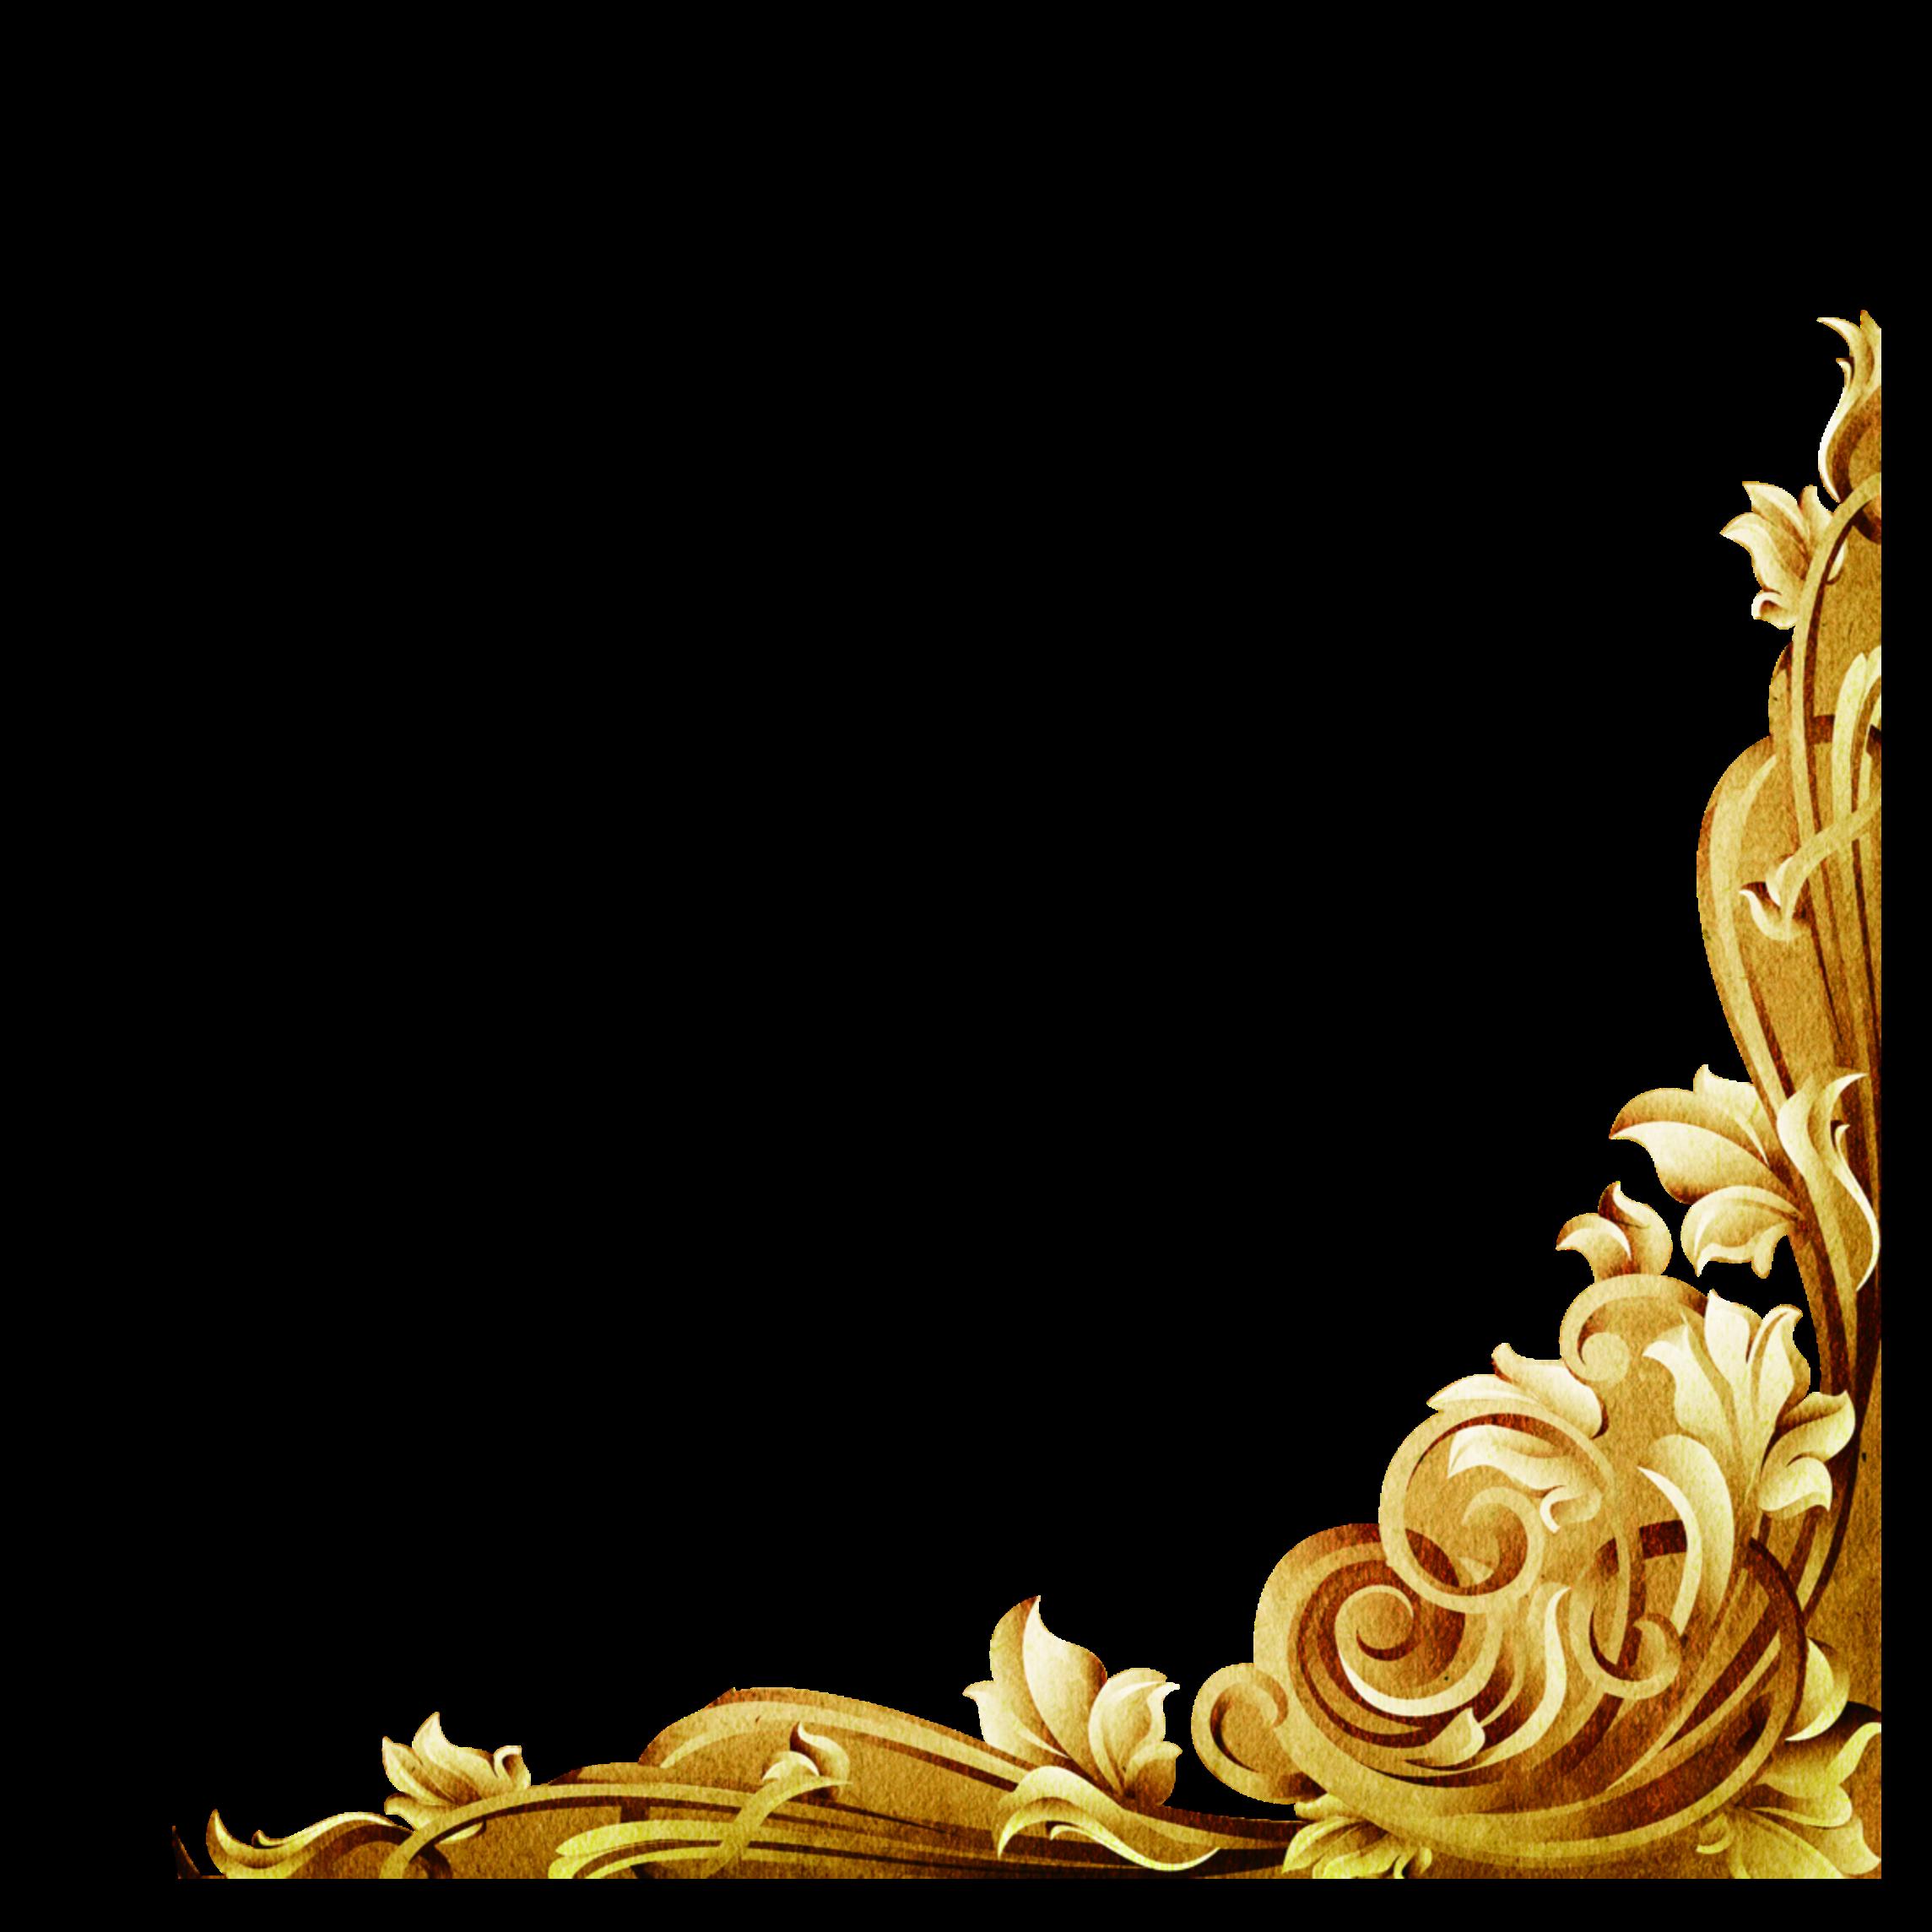 mq gold border borders - Sticker by Marras